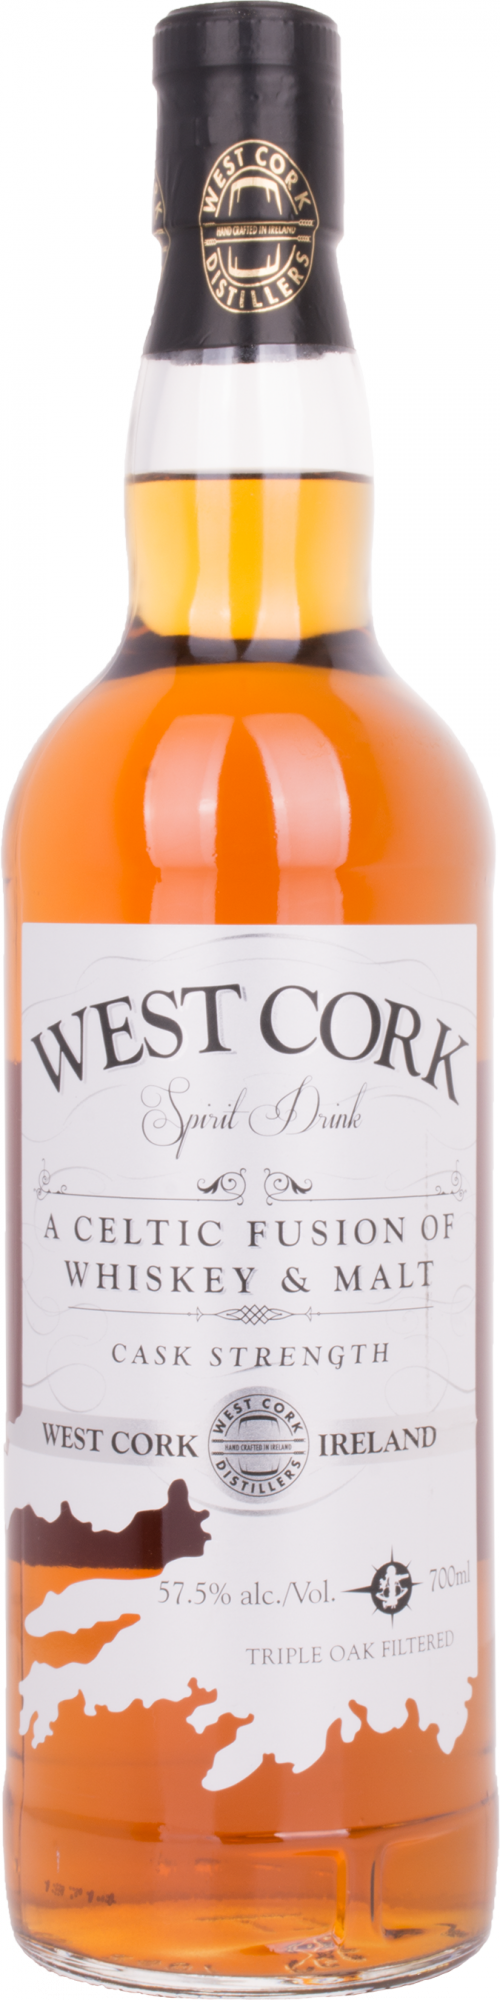 West Cork Spirit Drink – Cask Strength